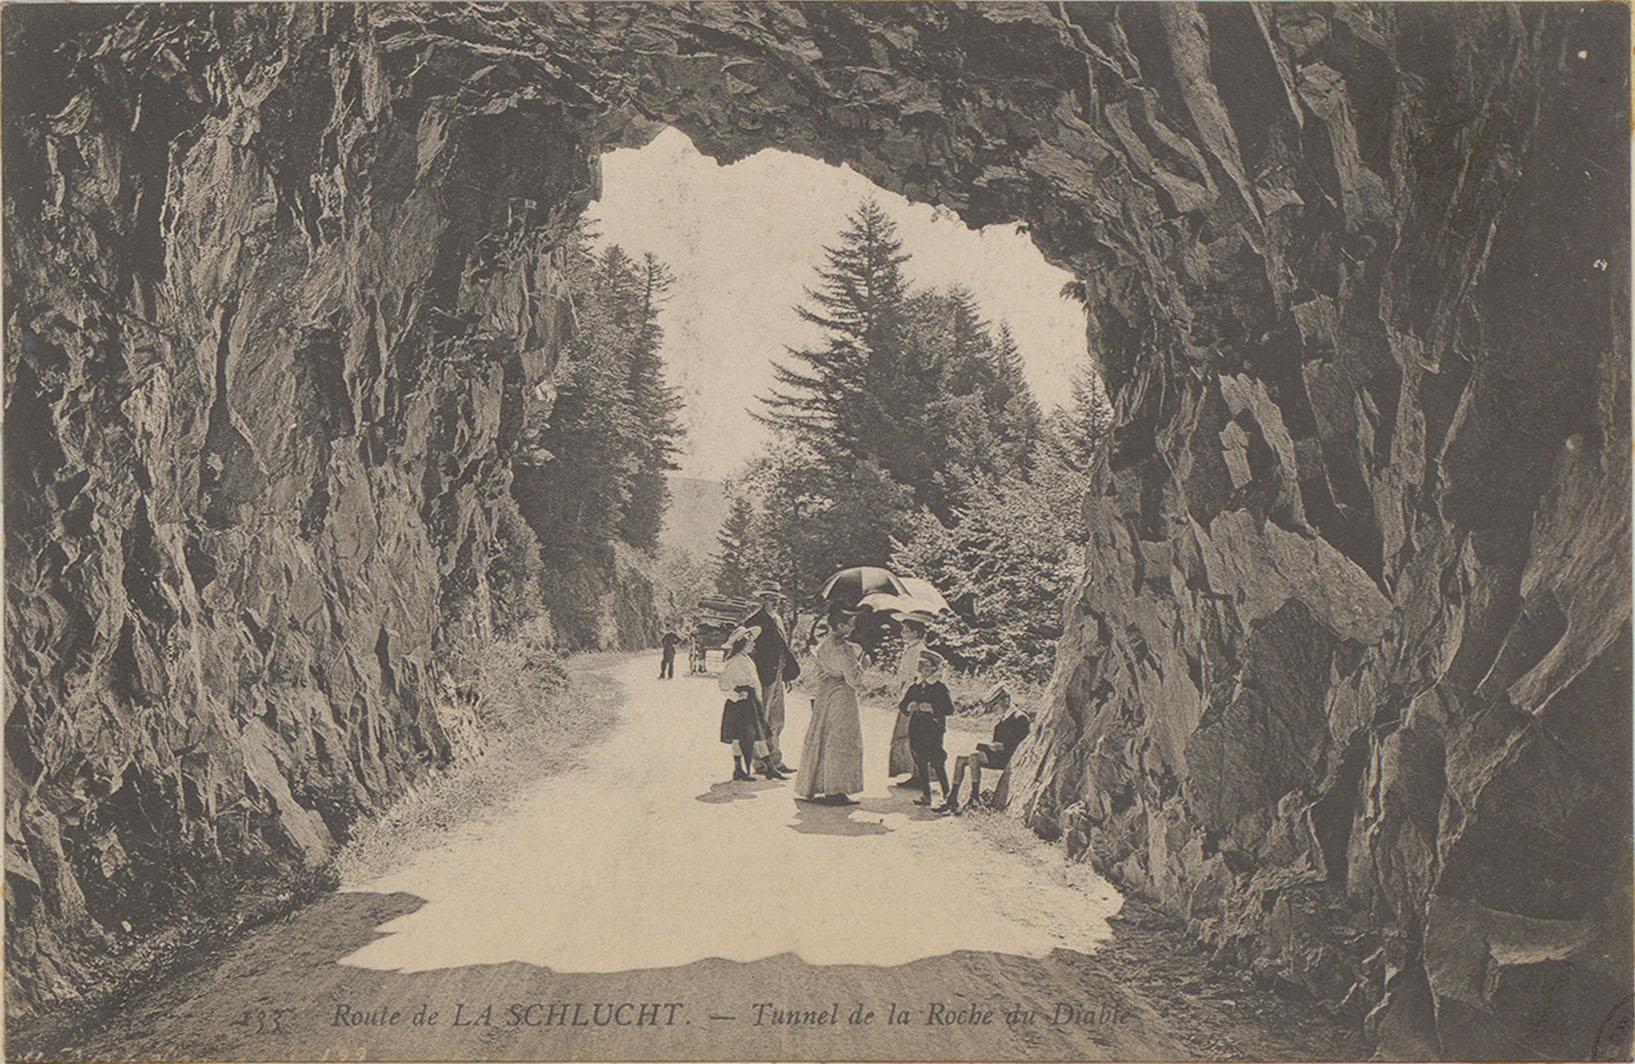 Contenu du Route de la Schlucht, Tunnel de la roche du Diable